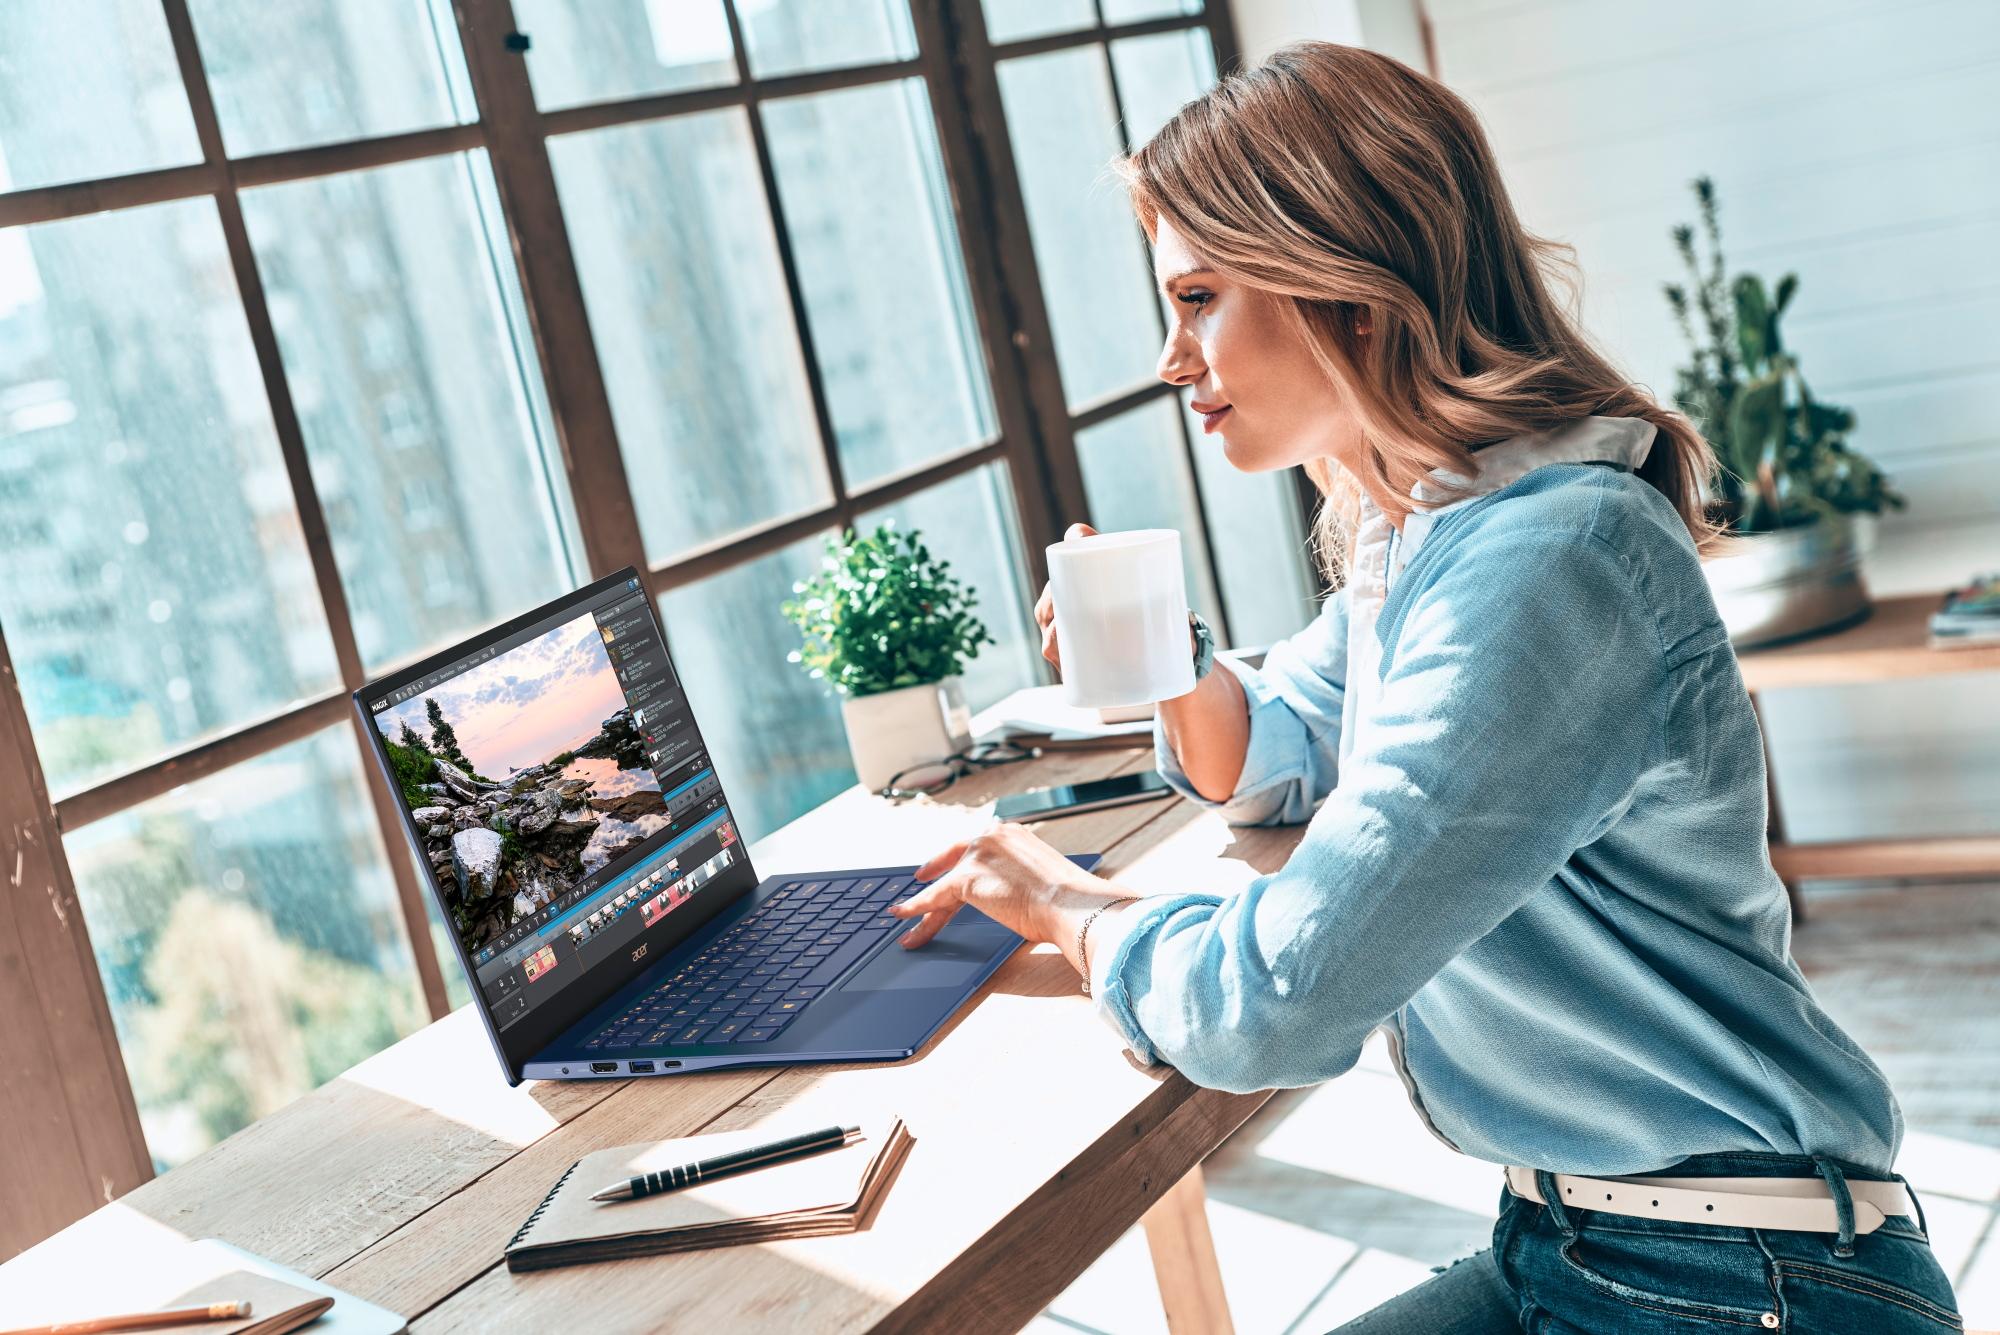 Acer entrega algunos consejos para organizar la rutina diaria de teletrabajo y tiempo personal